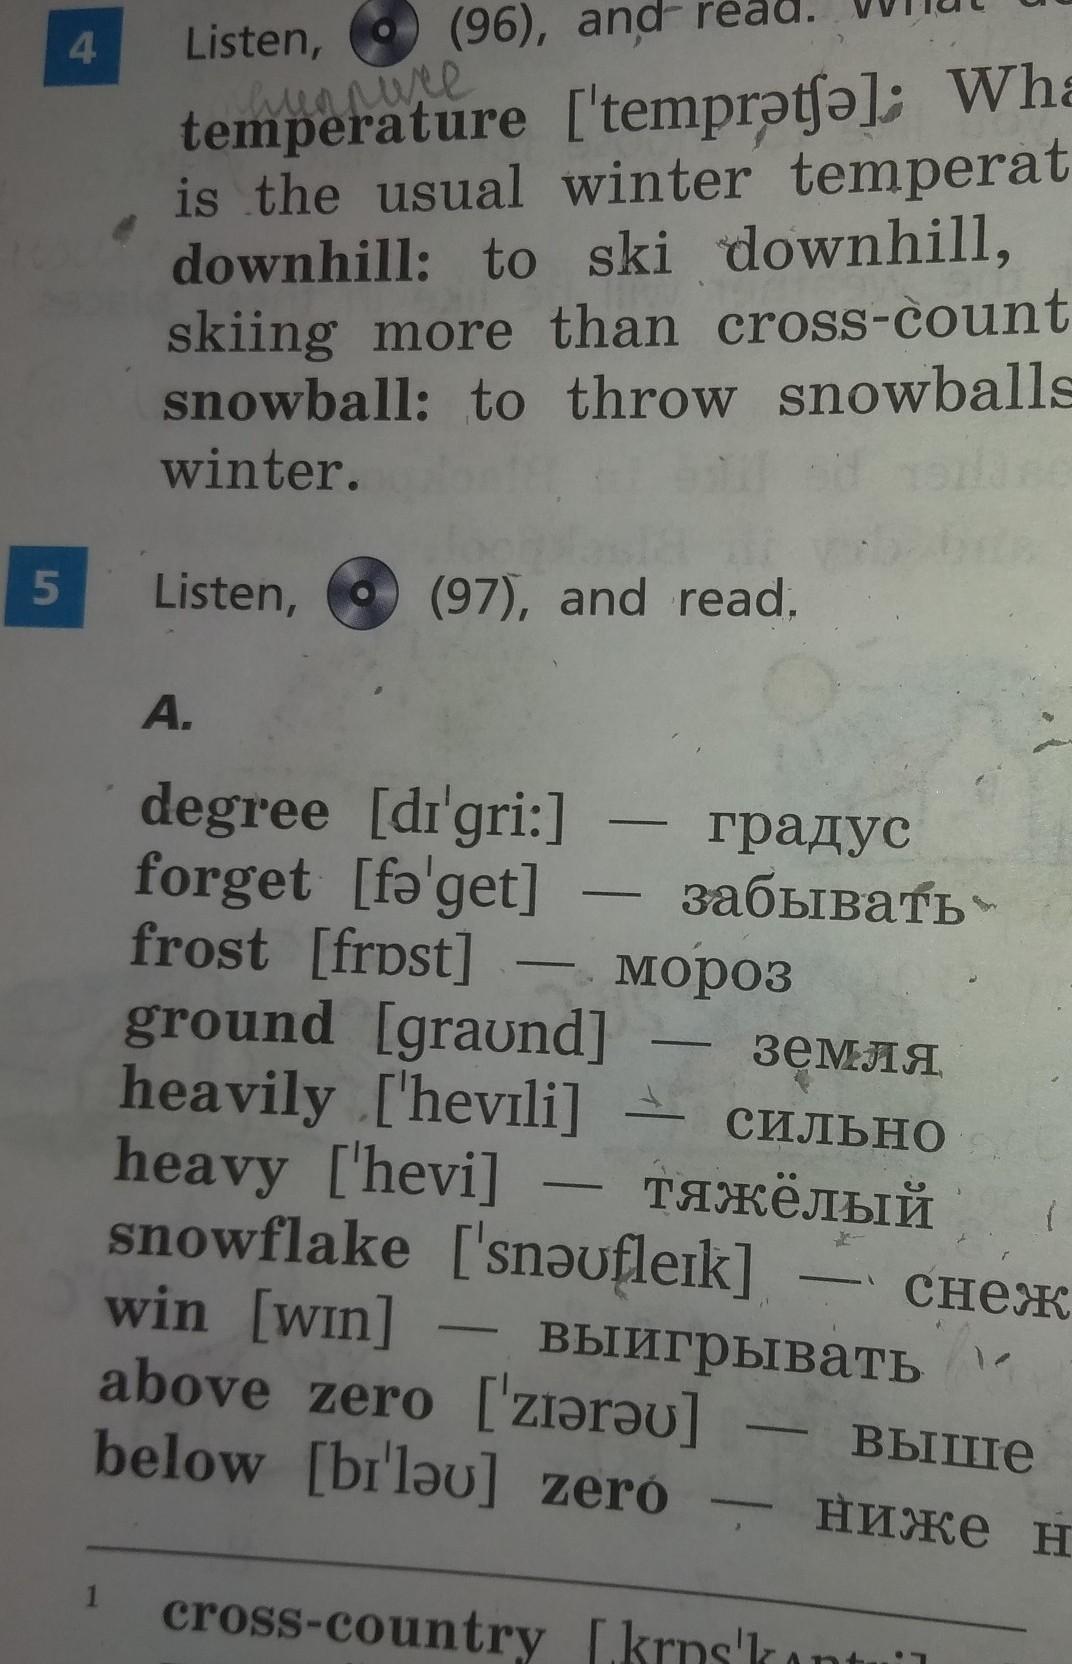 Как читаются выделеные слова на русском